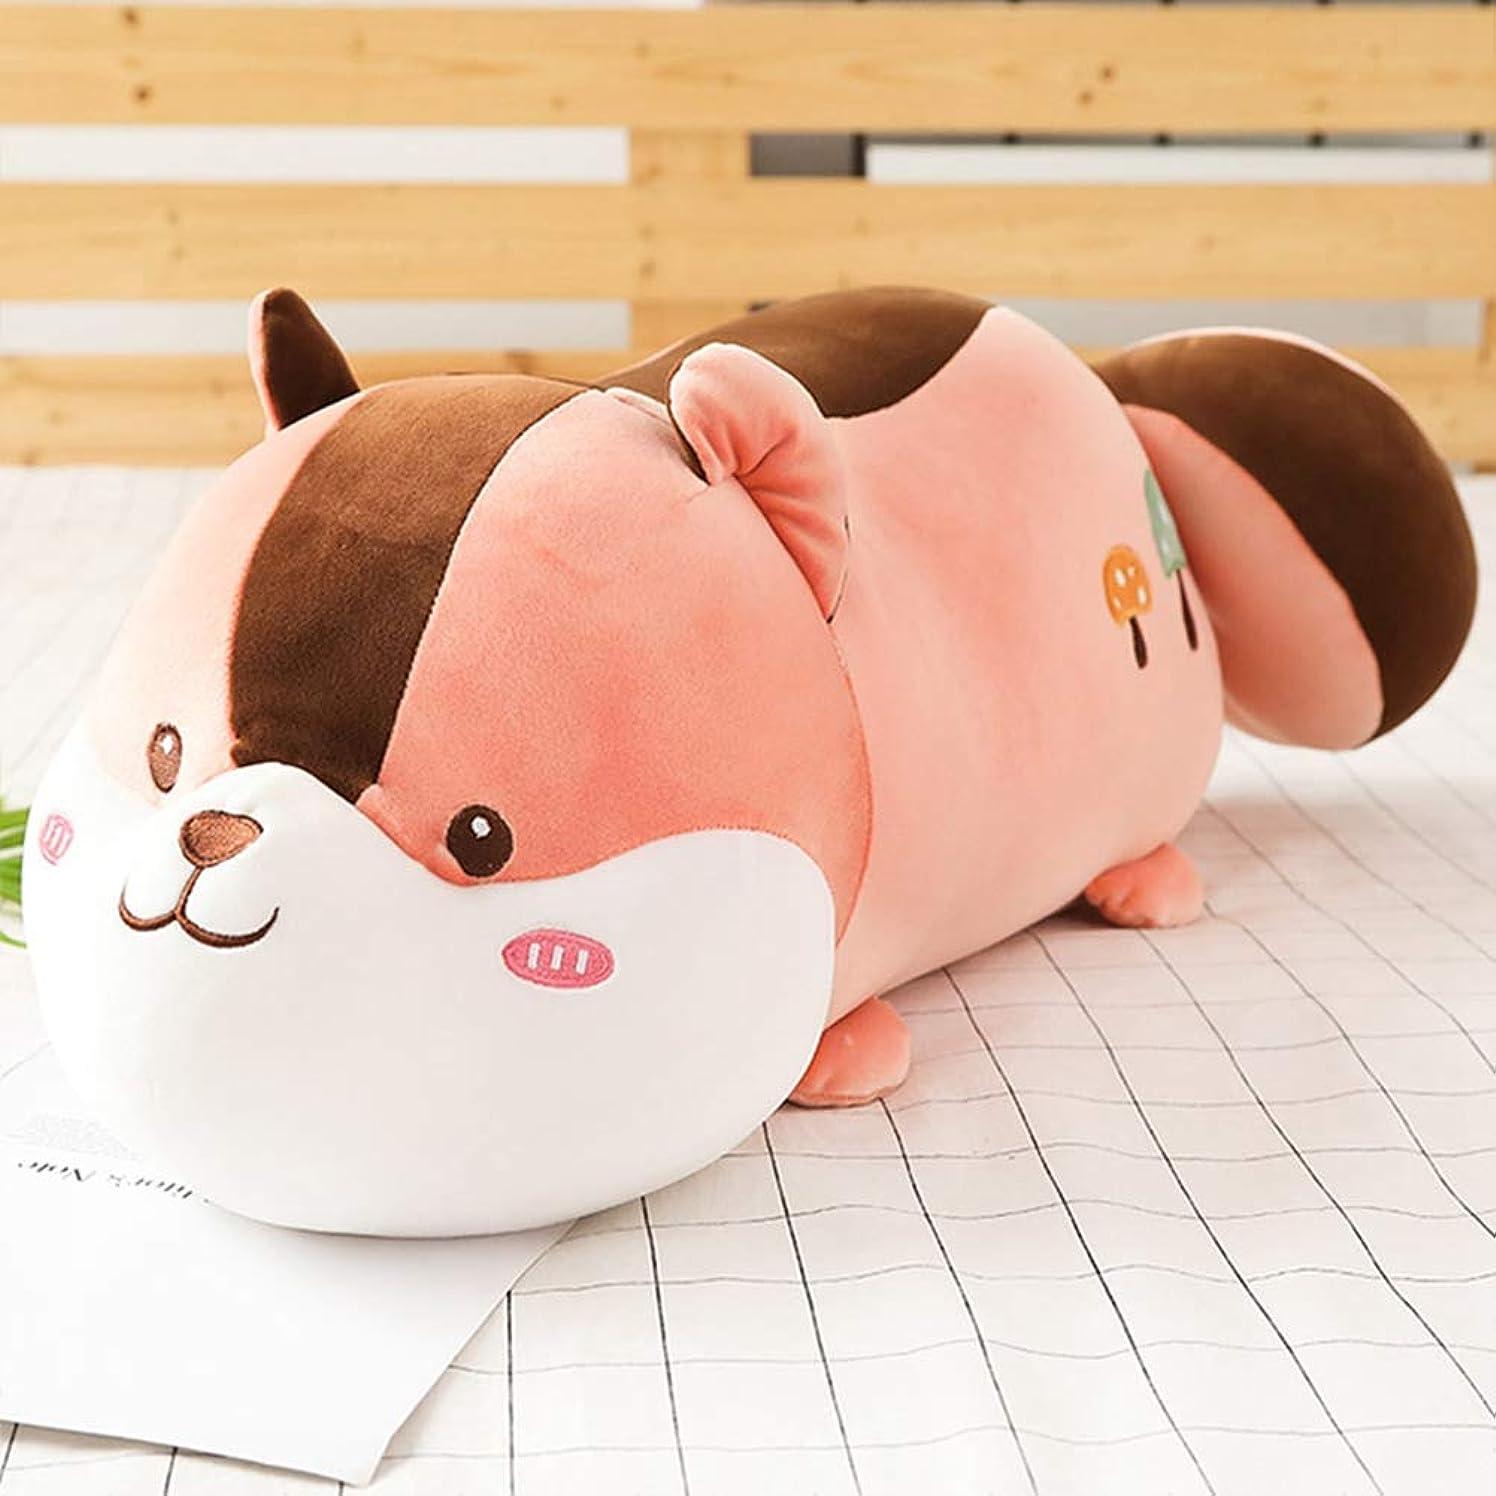 時系列振るうモットーネズミ 抱きまくら ふわふわ ぬいぐるみ キャラクター かわいい 鼠 リス 萌え 癒し 子供 彼女へ 添い寝 気持ち 多機能 クッション 背もたれ ベッド ソファー お誕生日 お祝い プレゼント ギフト ピンク45CM